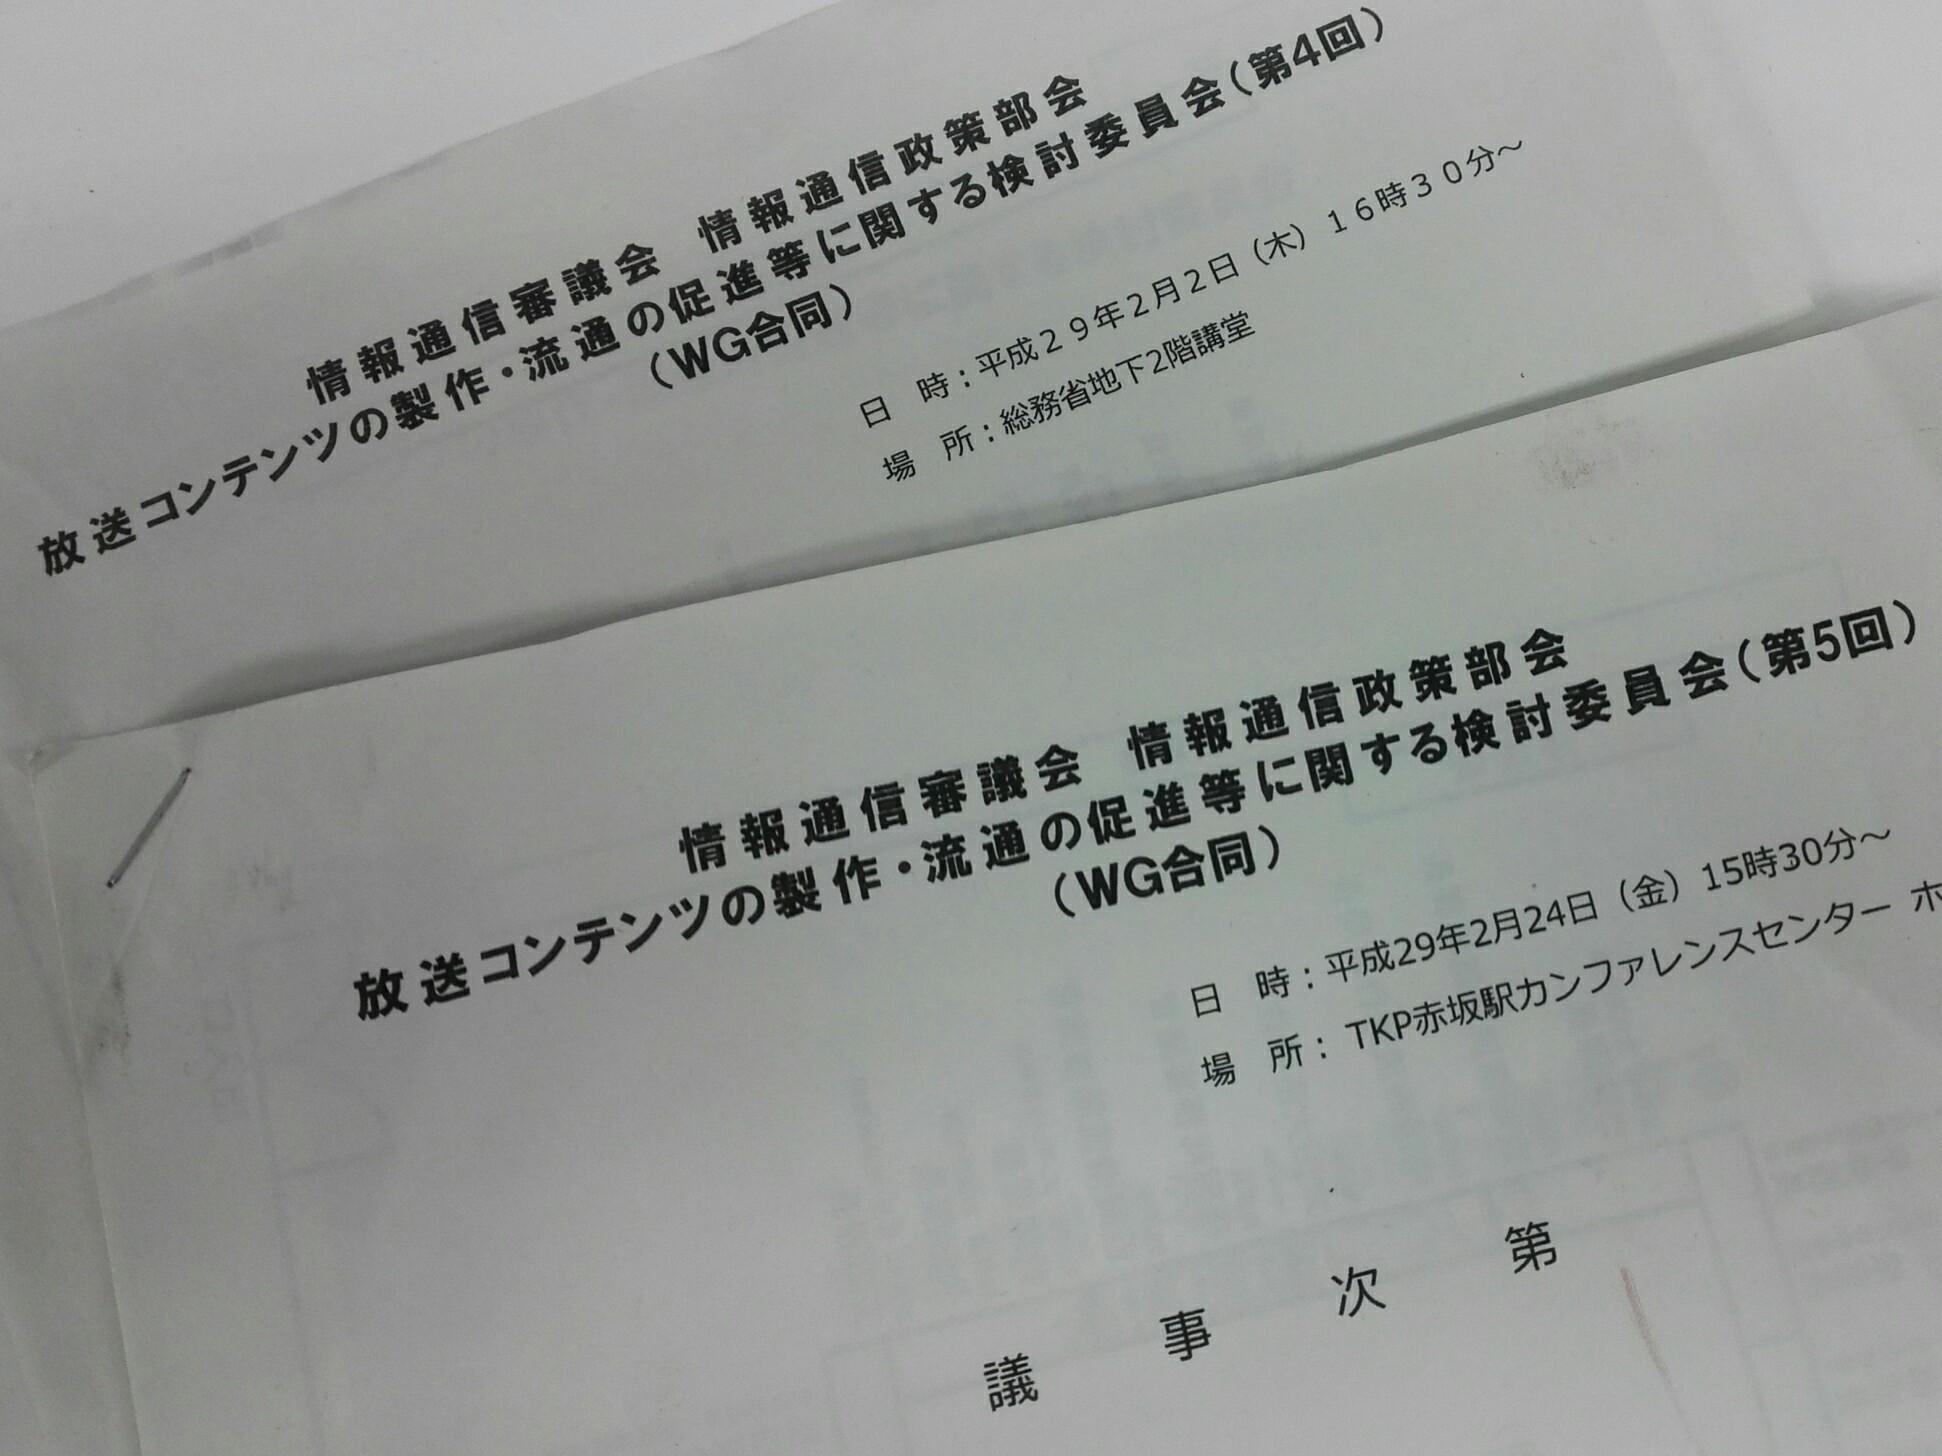 関根禎嘉連載・メディアイベント右往左往《第2回》